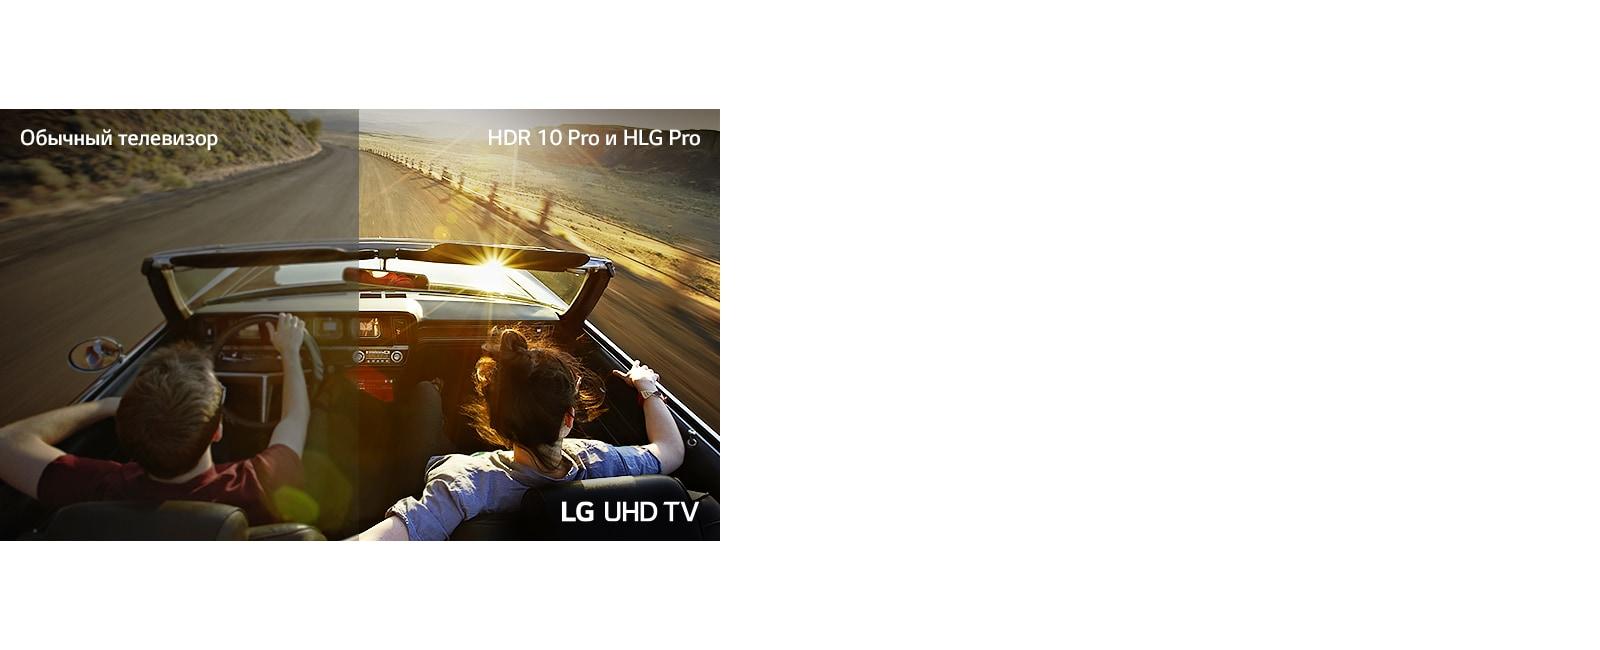 Пара в машине едет по шоссе Половина картинки показана на обычном телевизоре с плохим качеством. Другая половина – четкая, живая, с качеством LG UHD.